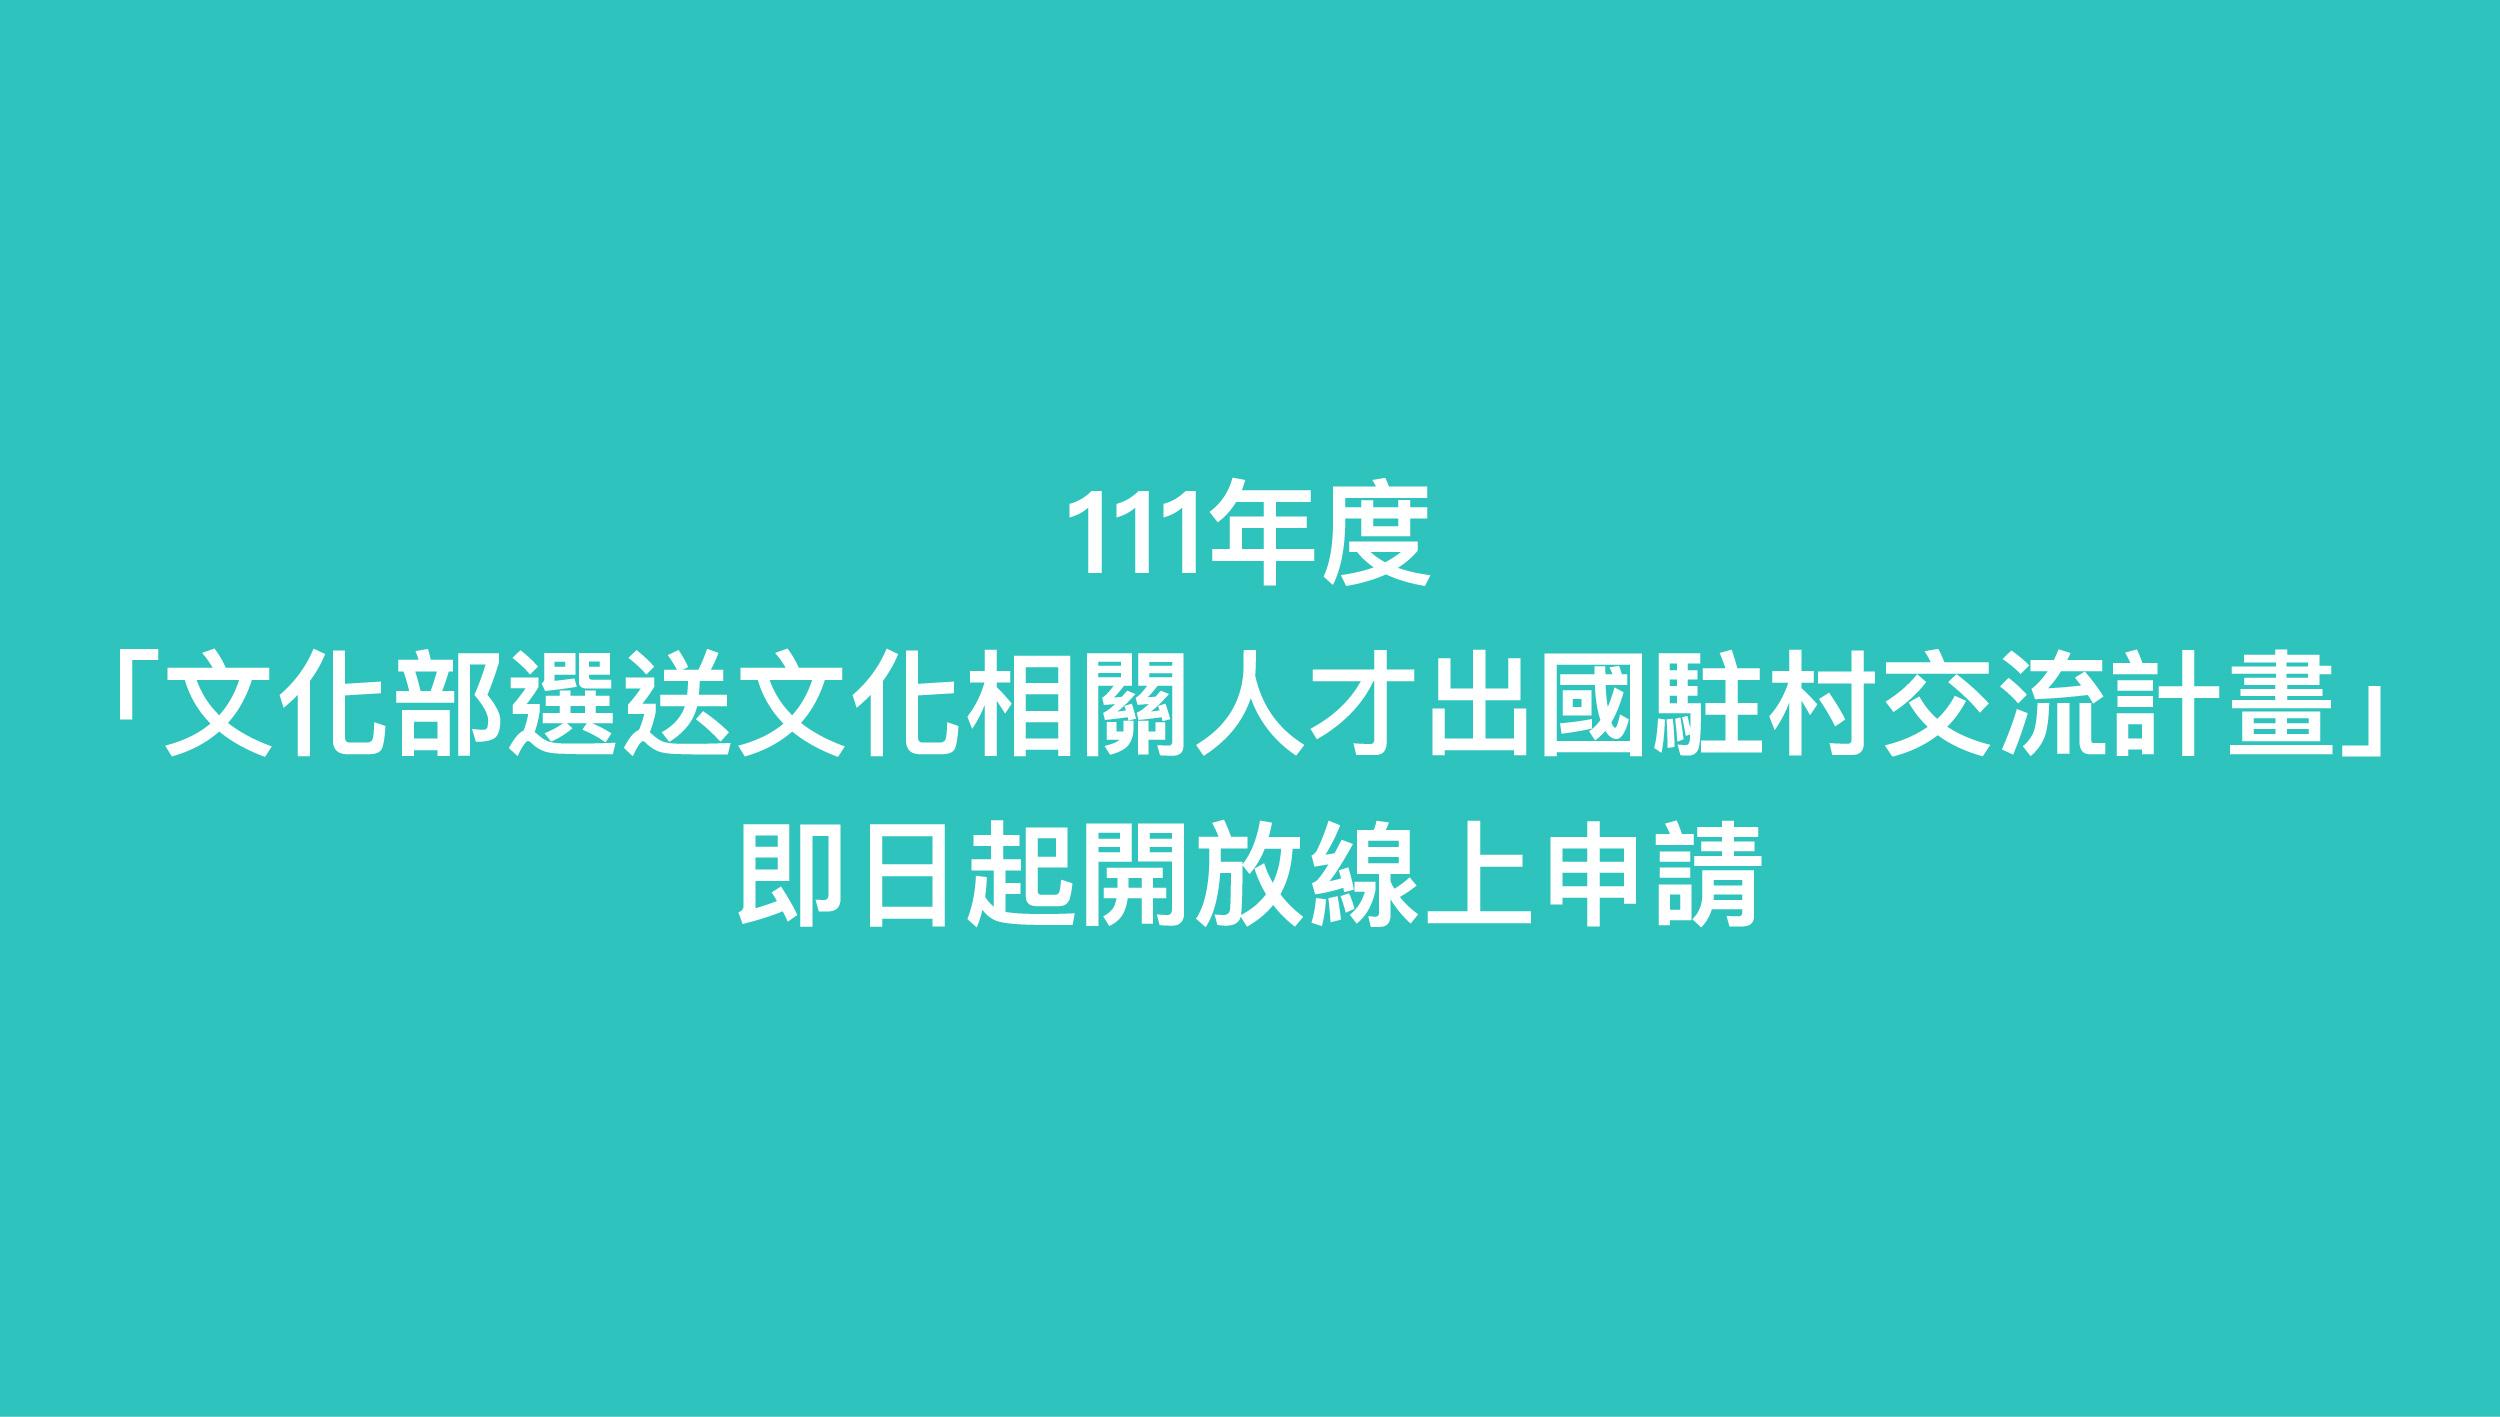 協力藝術家拓展國際網絡 111年「文化部選送文化相關人才出國駐村交流計畫」開放線上申請